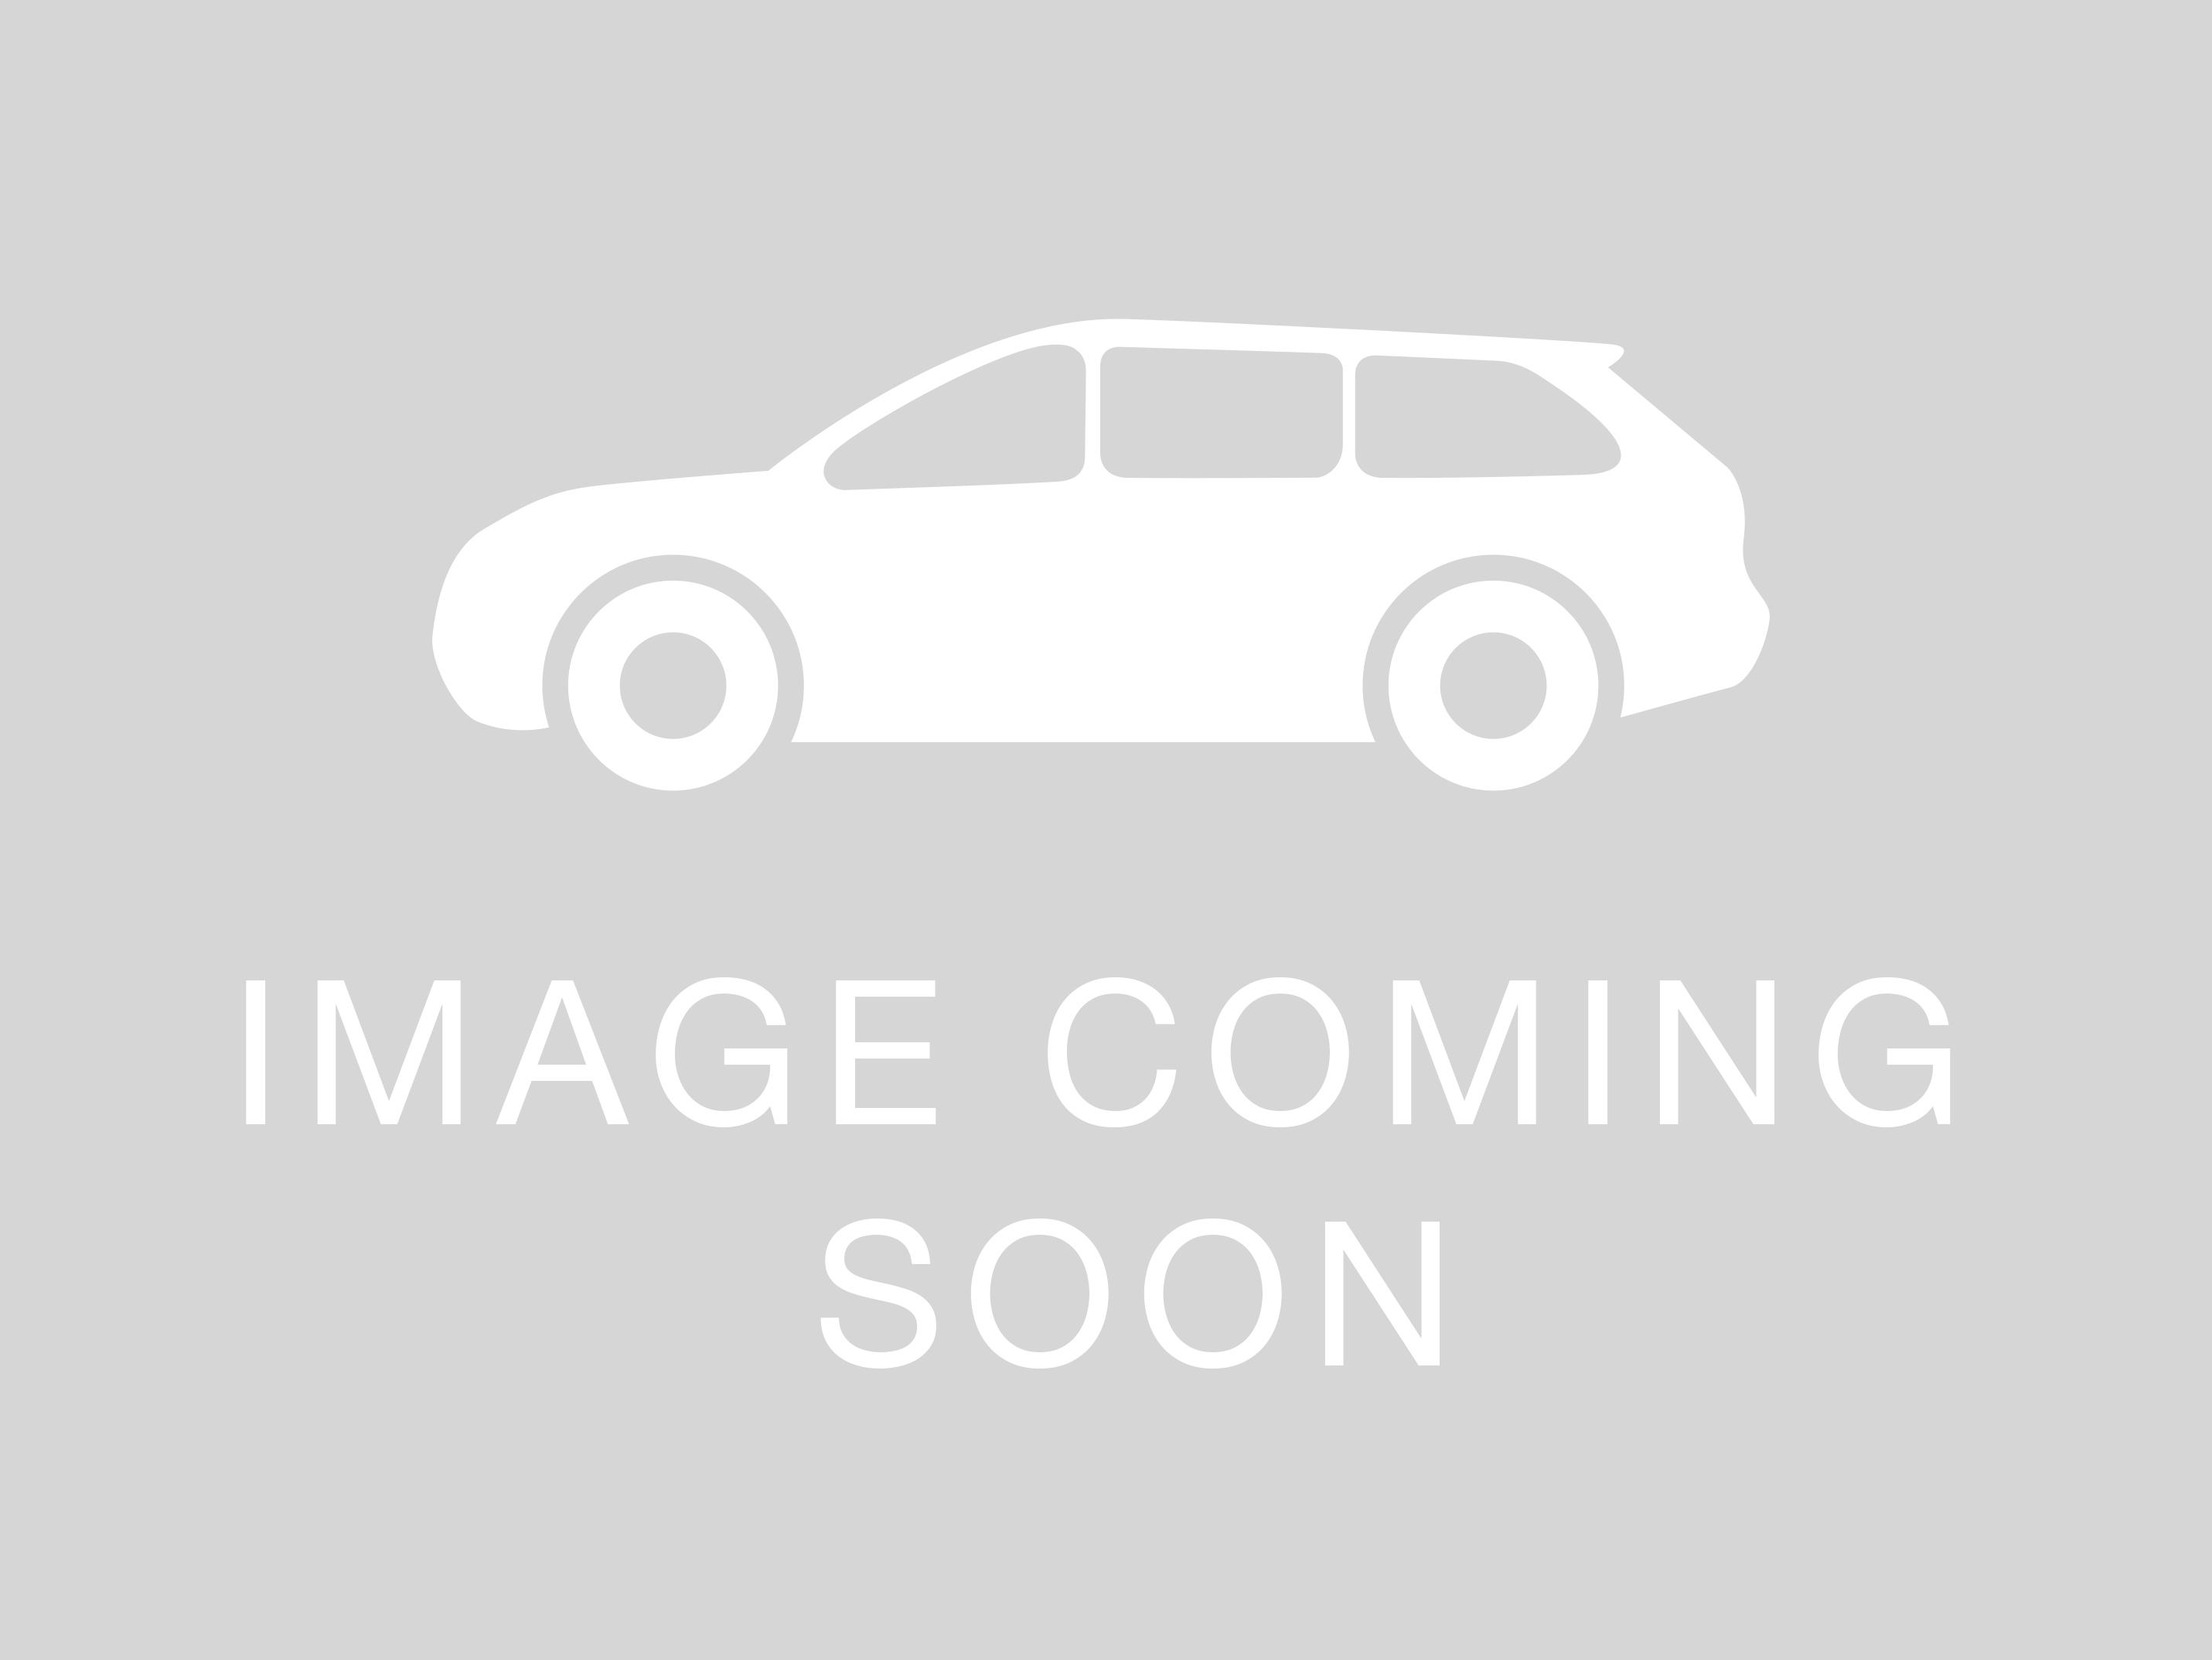 Hyundai suv 2020